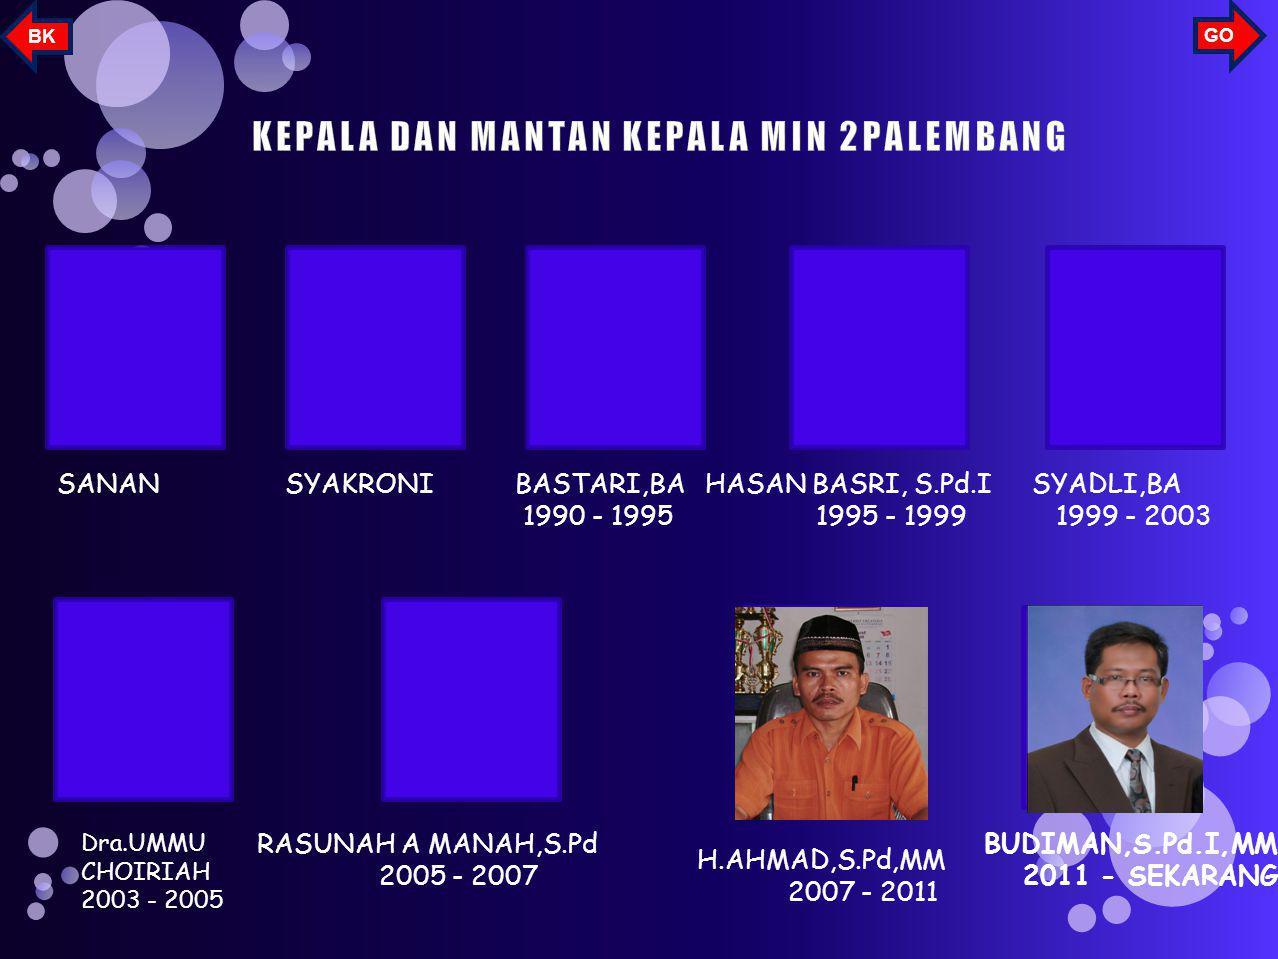 Sekilas Info Awalnya nama Madrasah Ibtidaiyah Negeri 2 Palembang adalah Madrasah Ibtidaiyah Persiapan Negeri yang di buka pada tanggal 10 Januari 1986